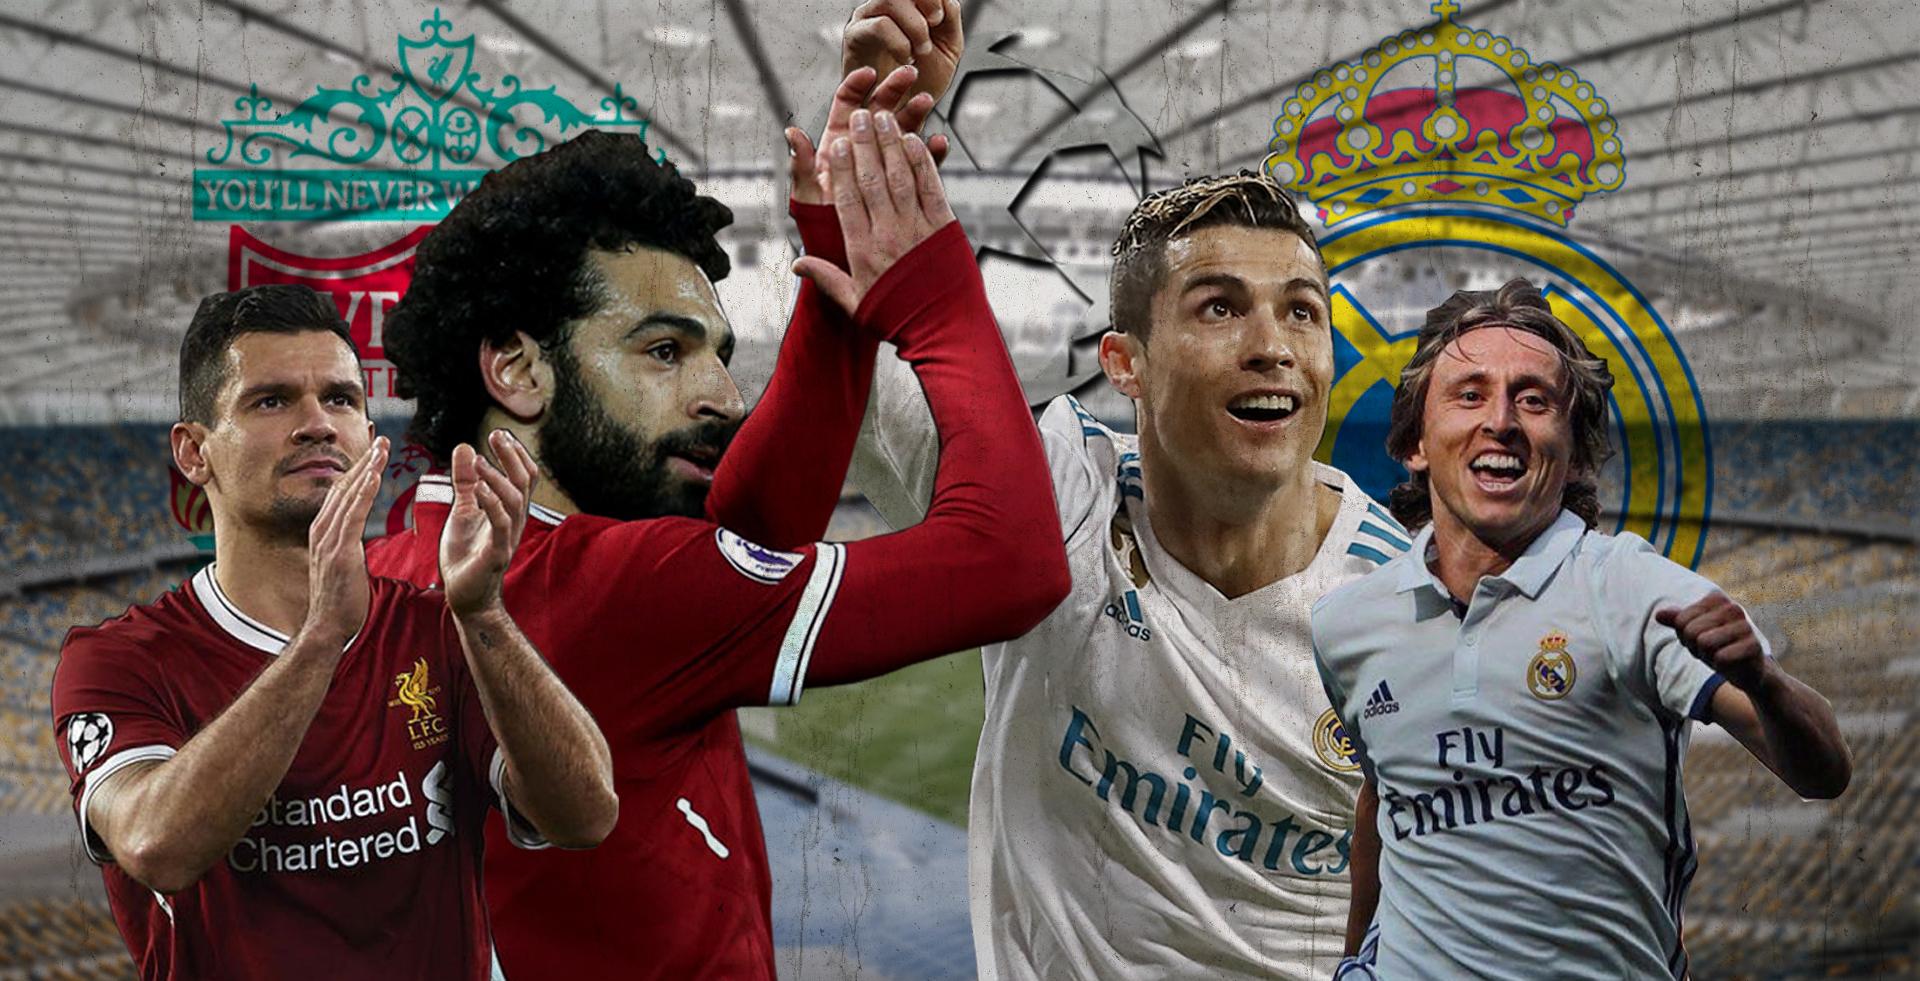 UŽIVO: Gareth Bale junak Reala, 'Kraljevima' treći uzastopni naslov